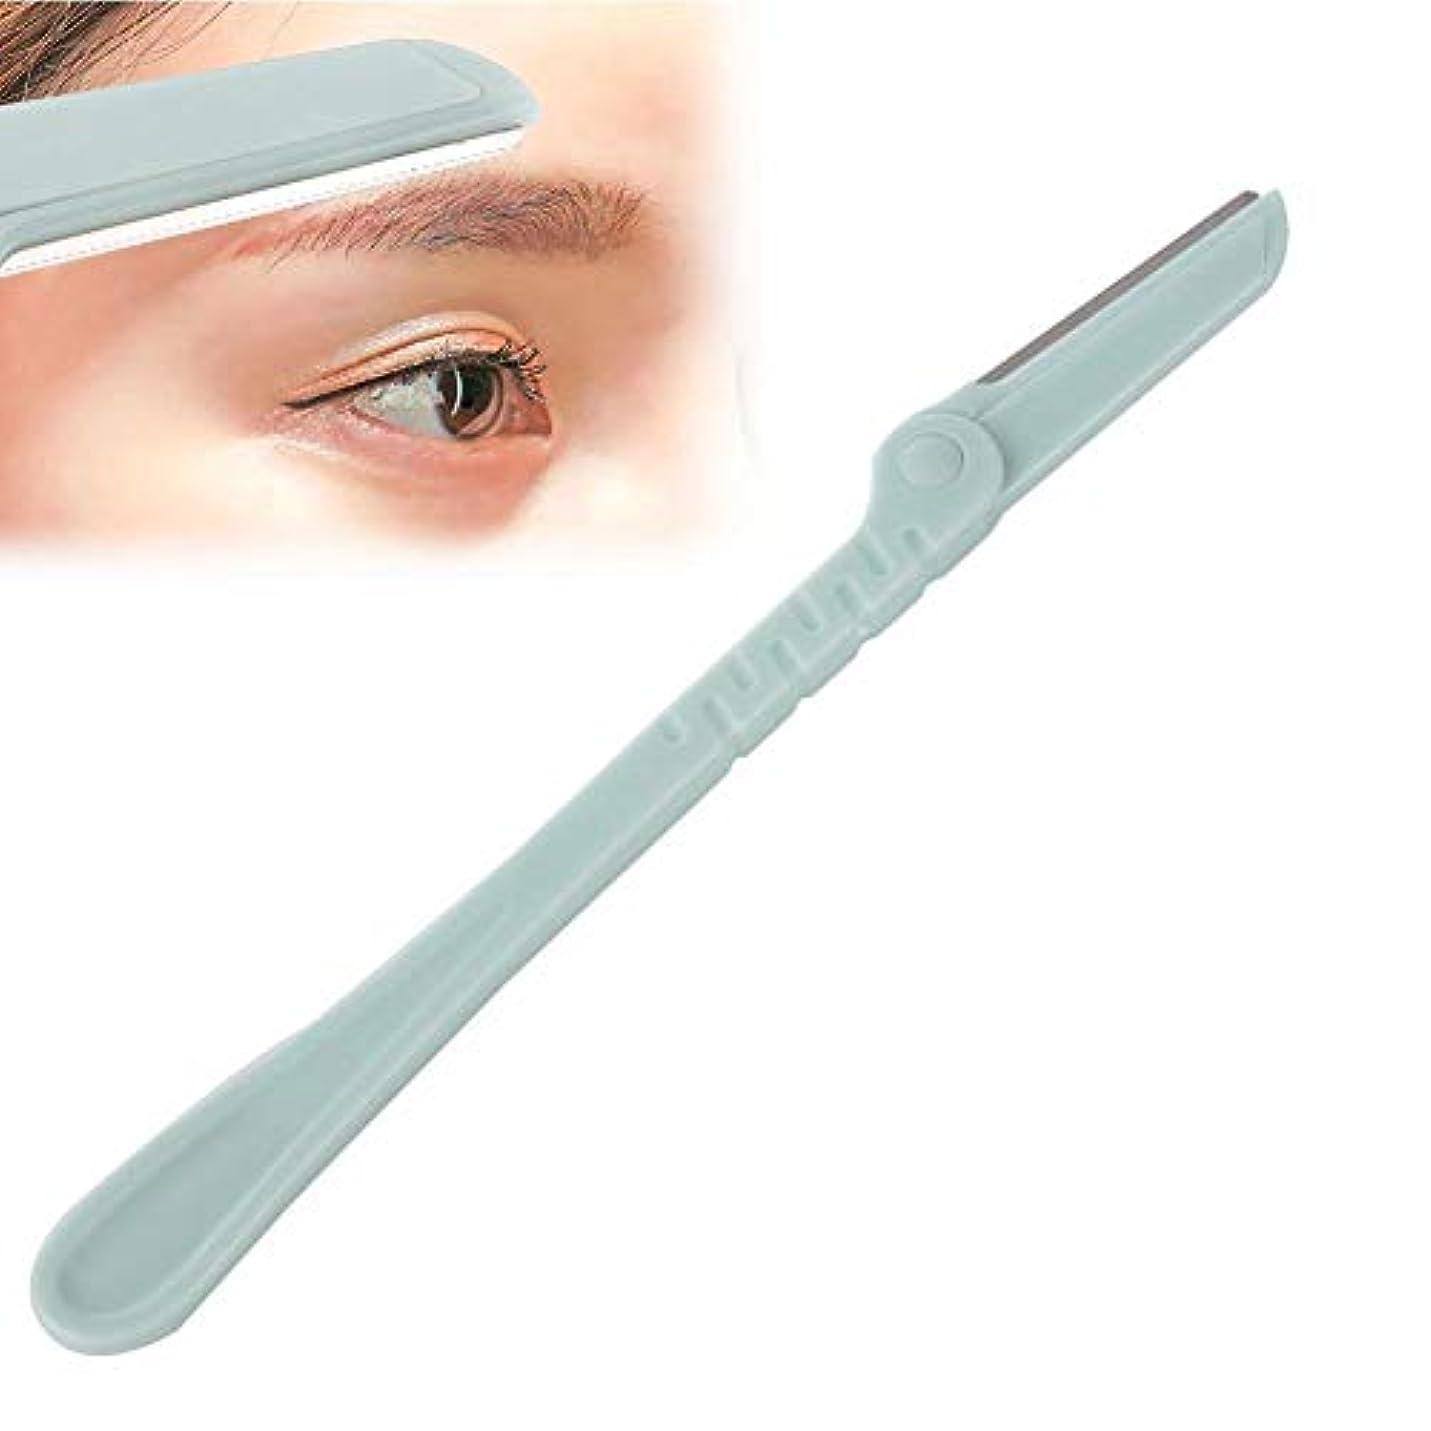 目覚める好奇心協定1ピース眉毛カミソリ化粧道具 - 女性と男性の顔のリムーバー、眉毛カミソリの顔かみそりのヘアトリマーヘアトリマーのための美しい眉毛